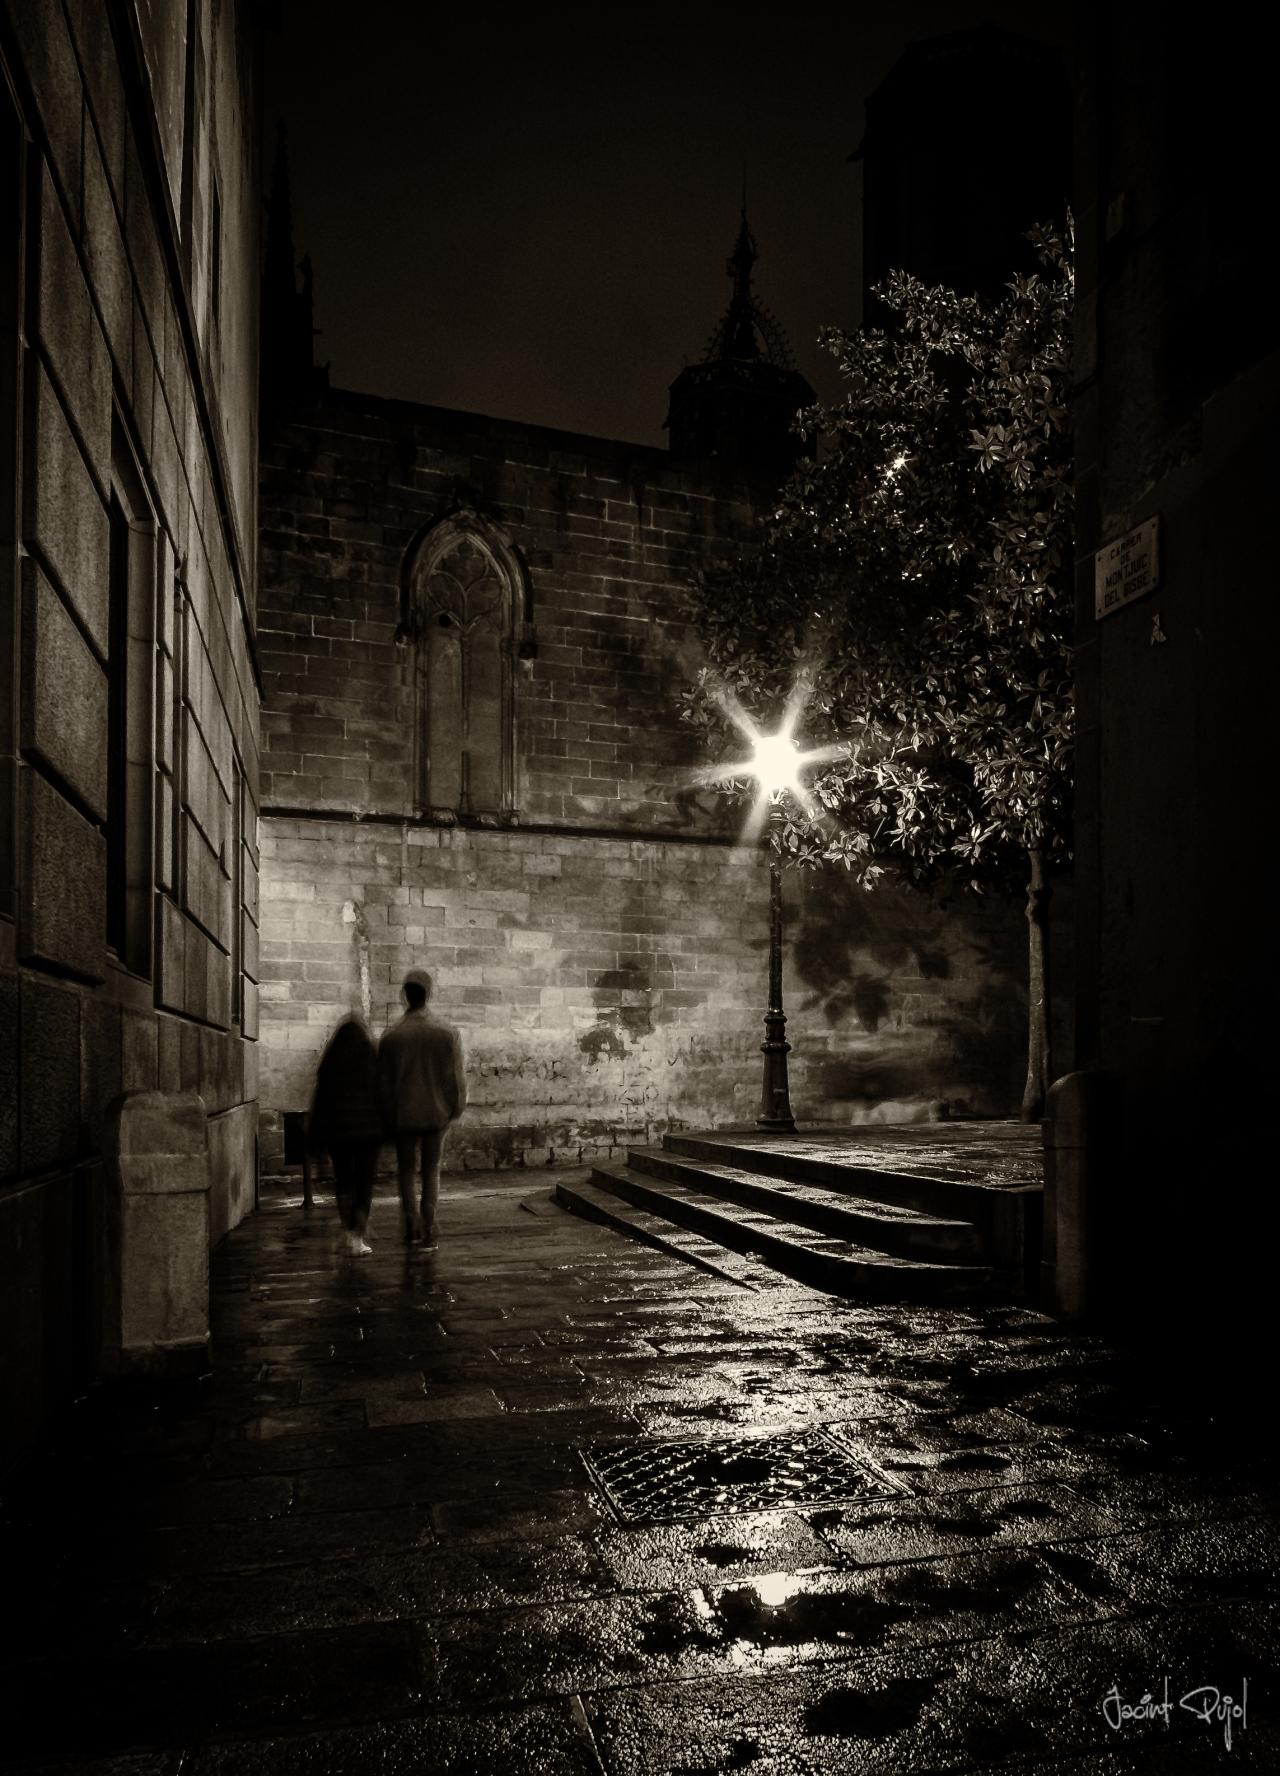 Paseando por el barrioGótico